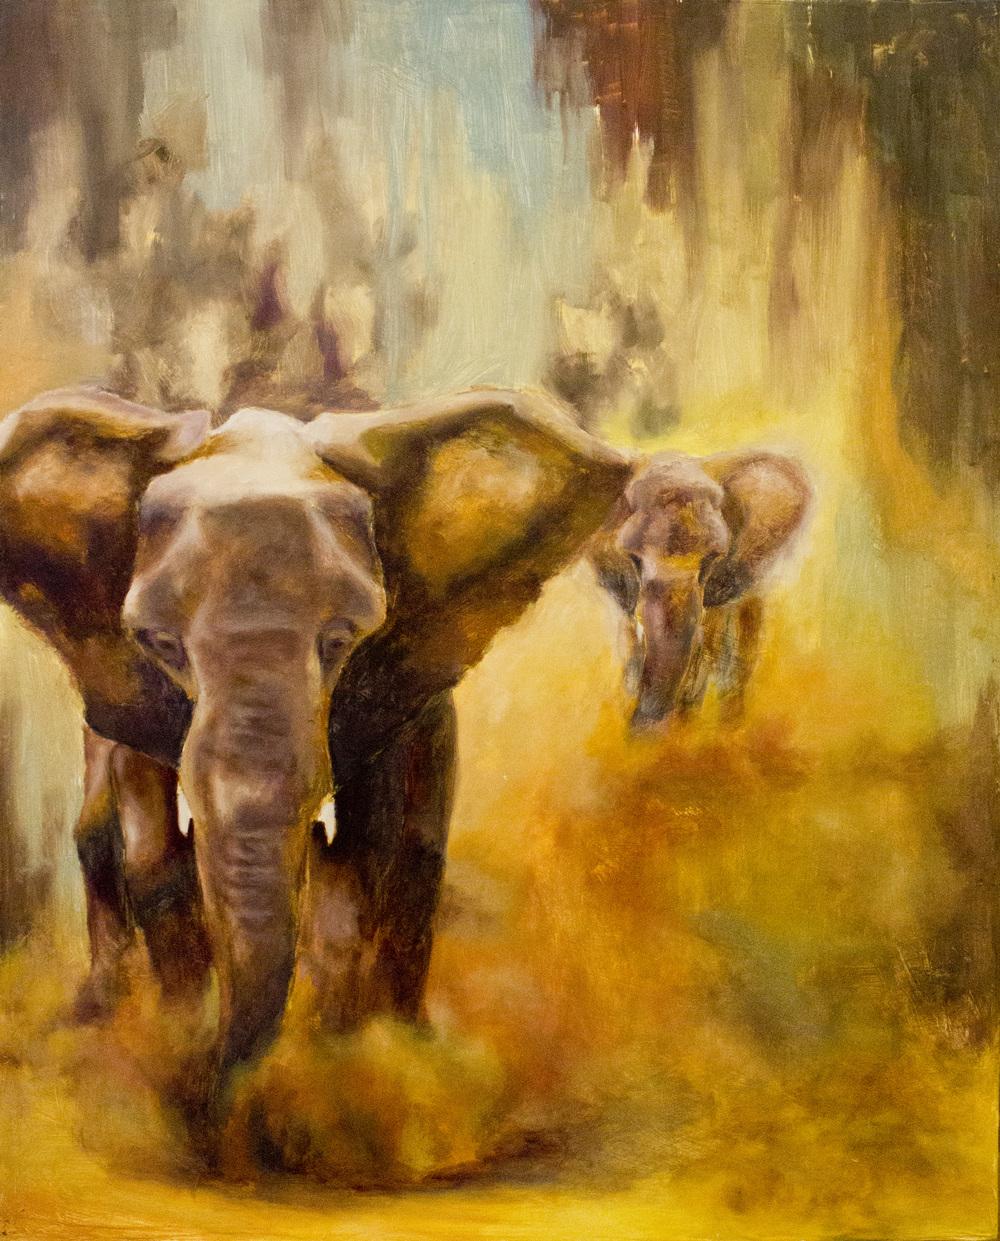 Steven Zeng_Elephant Painting.jpg